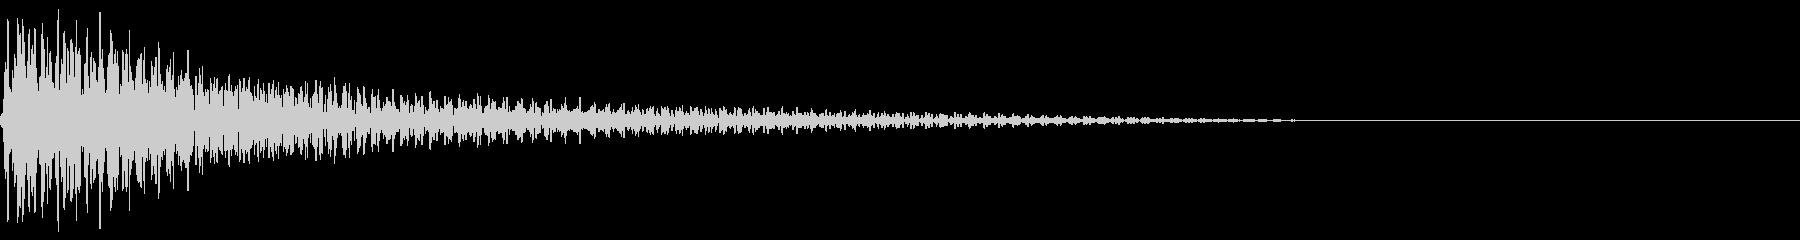 ピコン(ピアノの警告音)6の未再生の波形